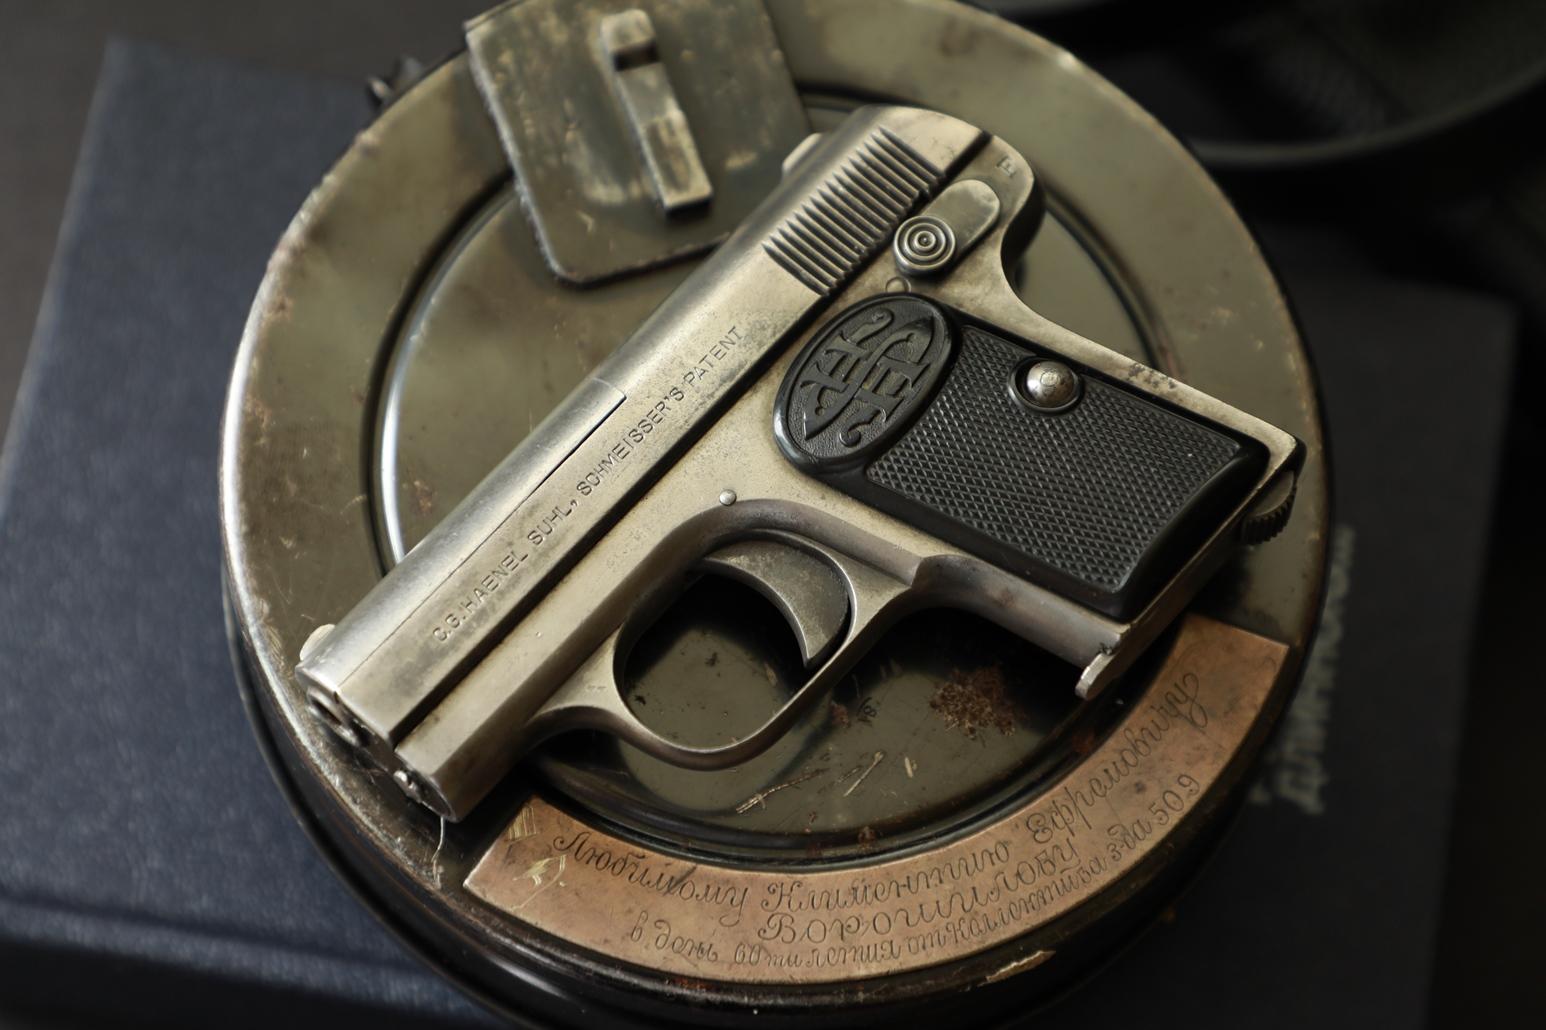 Жилетный пистолет Haenel SUHL-Shmeisser #67945